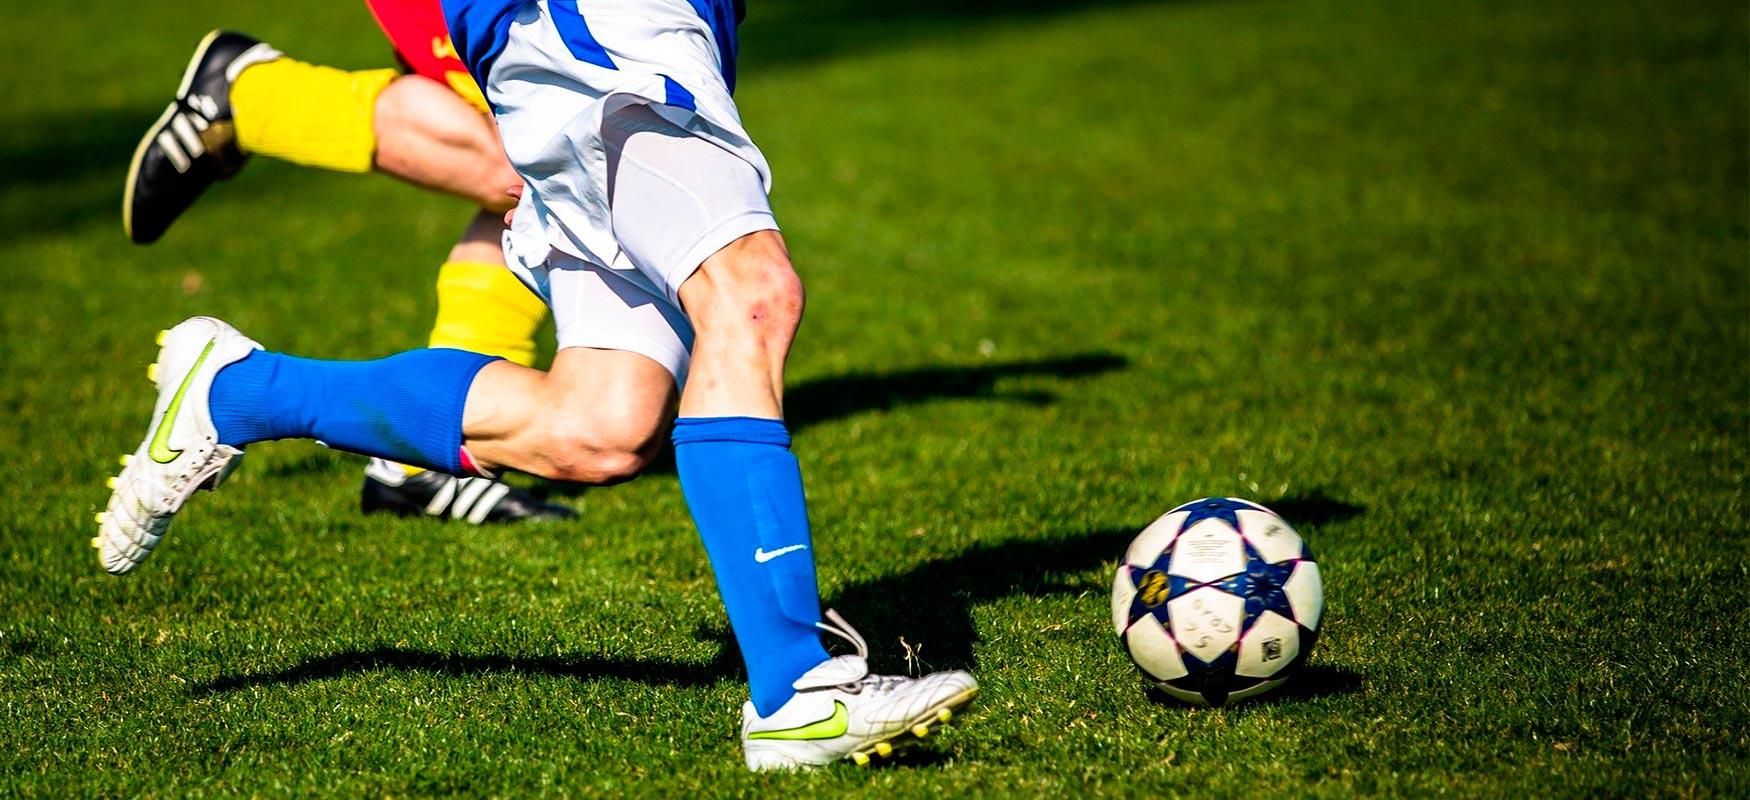 VRL-Abogados-derechos-deportivo-Futbol---solicitud de ayudas y subvenciones